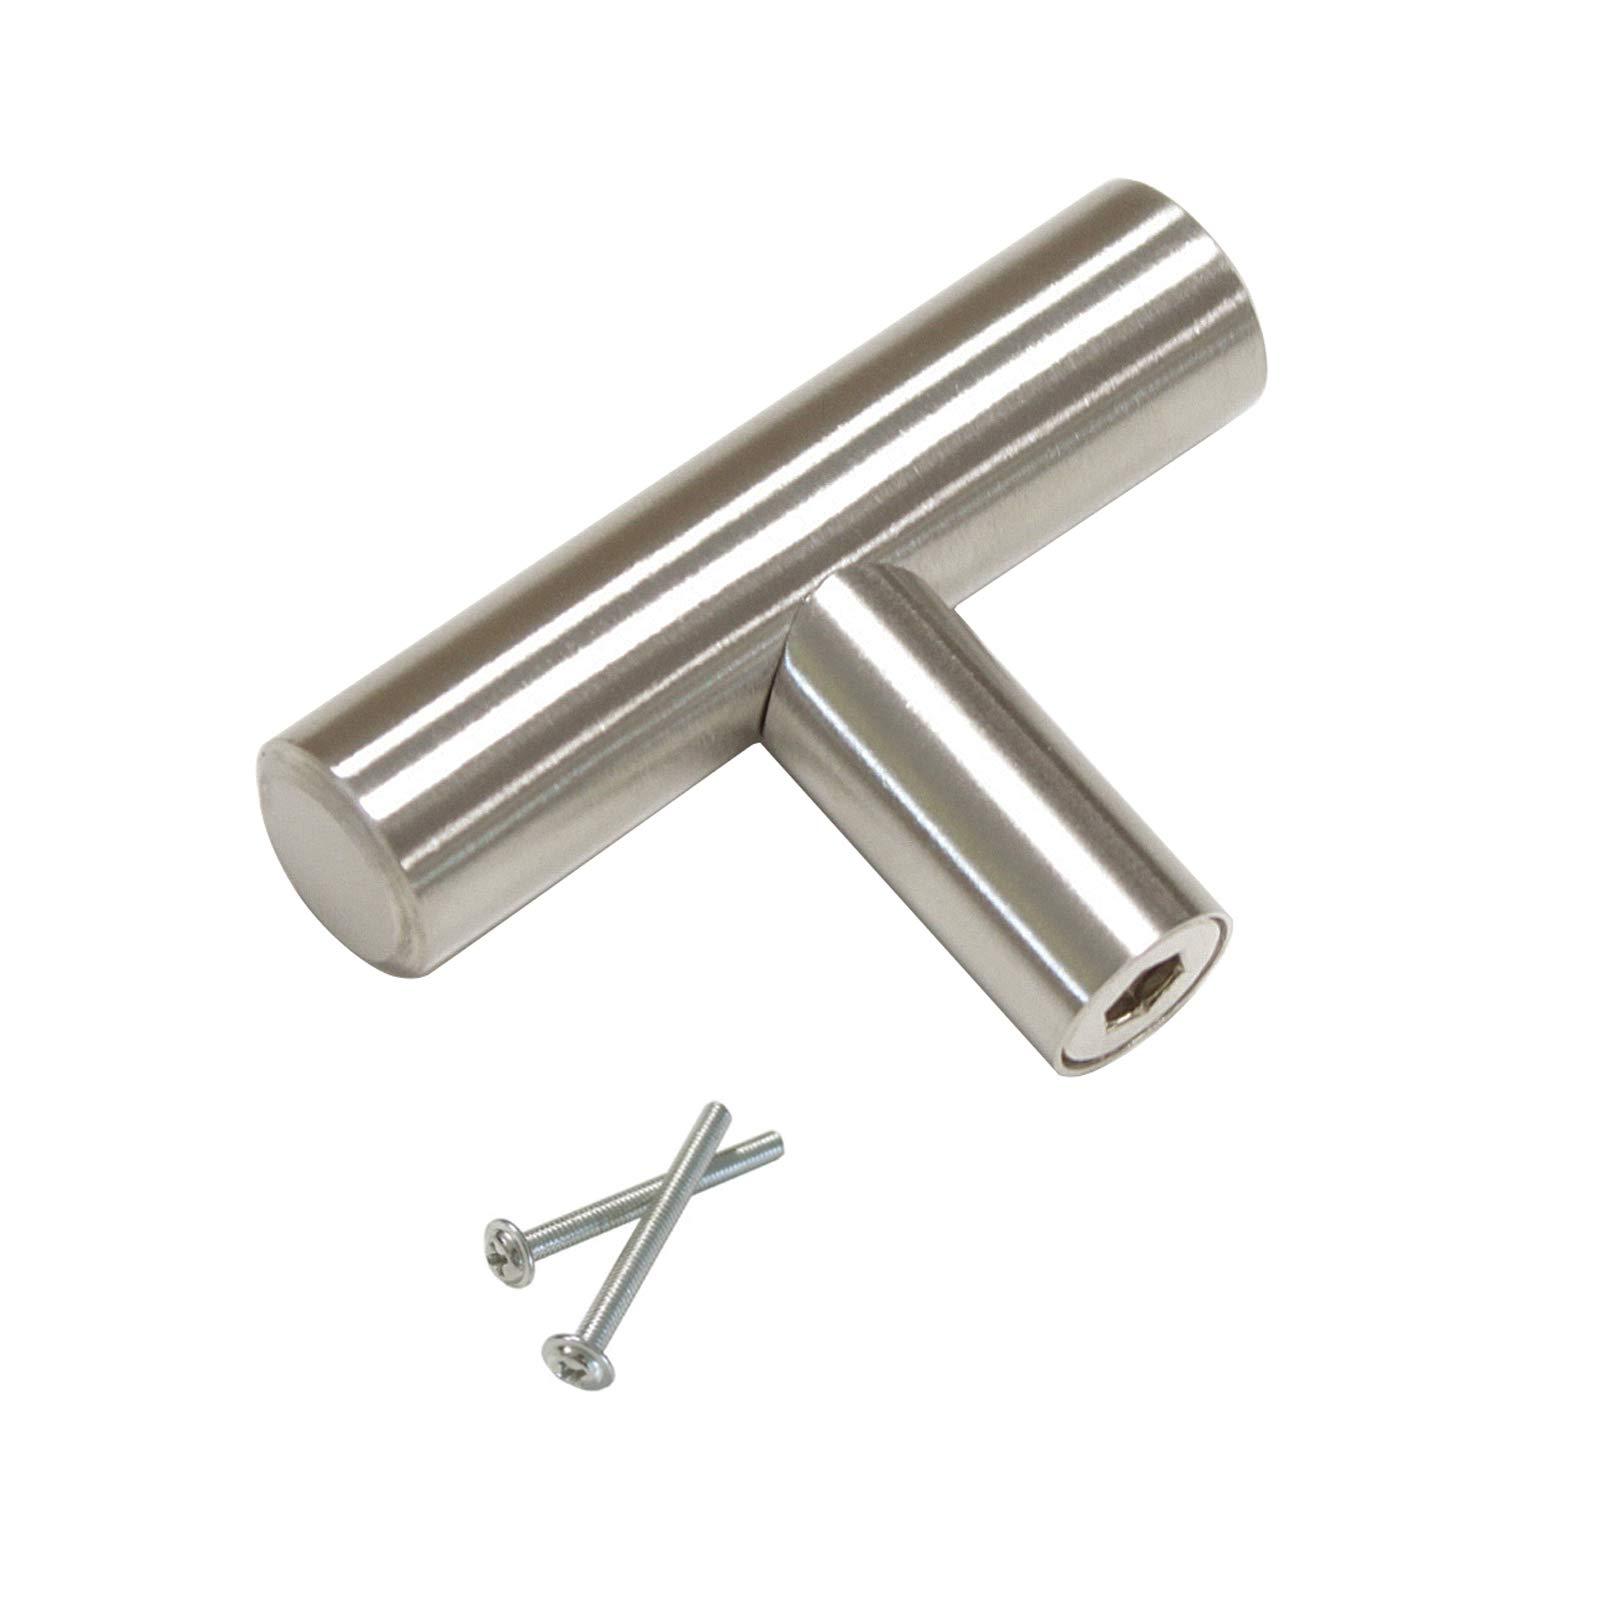 Tiradores de armario de acero inoxidable y níquel cepillado. Diseño en T para puertas de